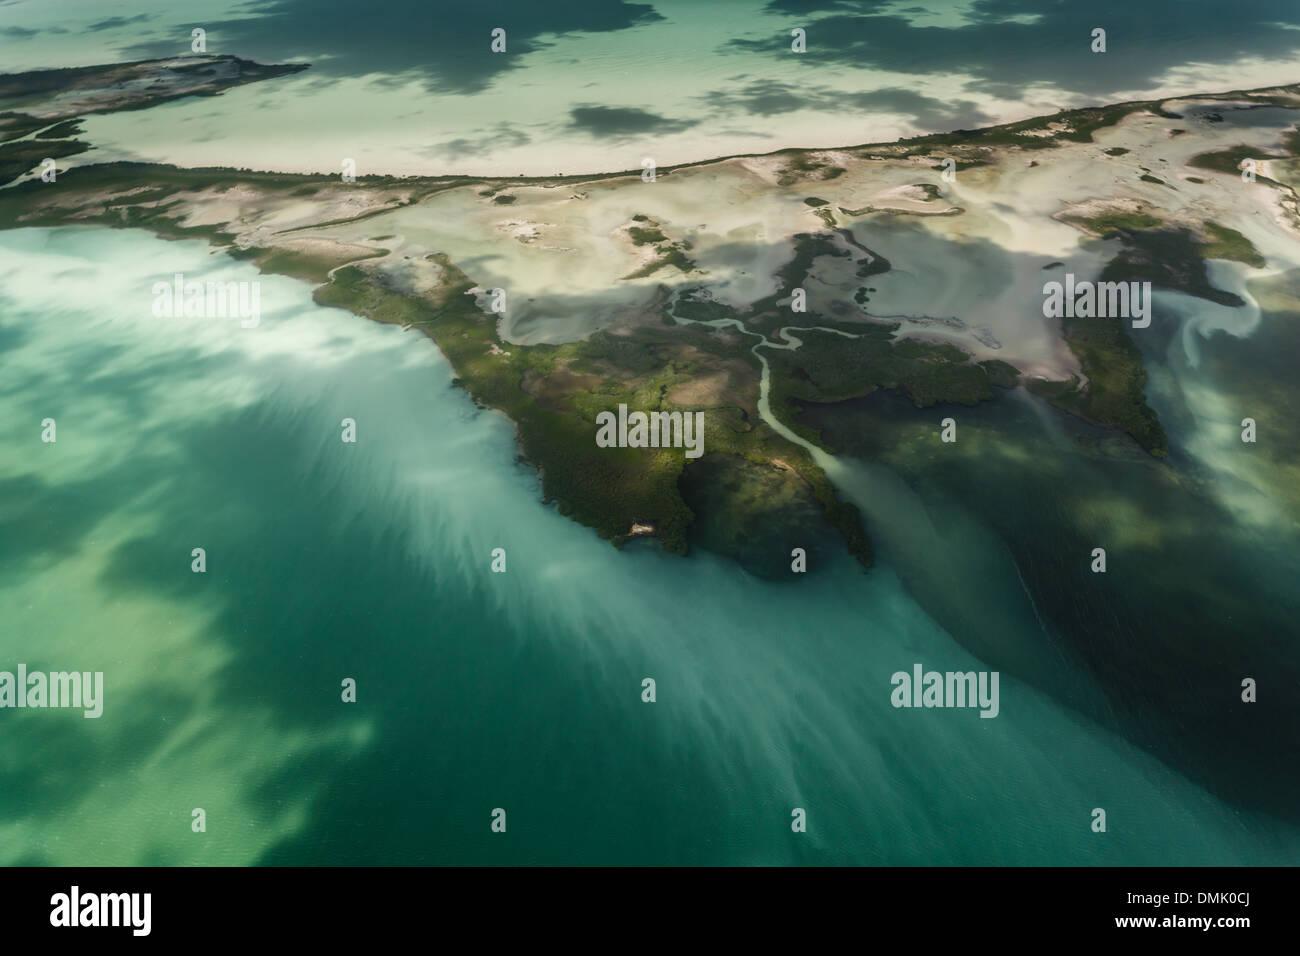 La vase et le ruissellement d'une île de l'océan avec stries et la pollution menacent le fragile écosystème du récif barrière de corail Photo Stock